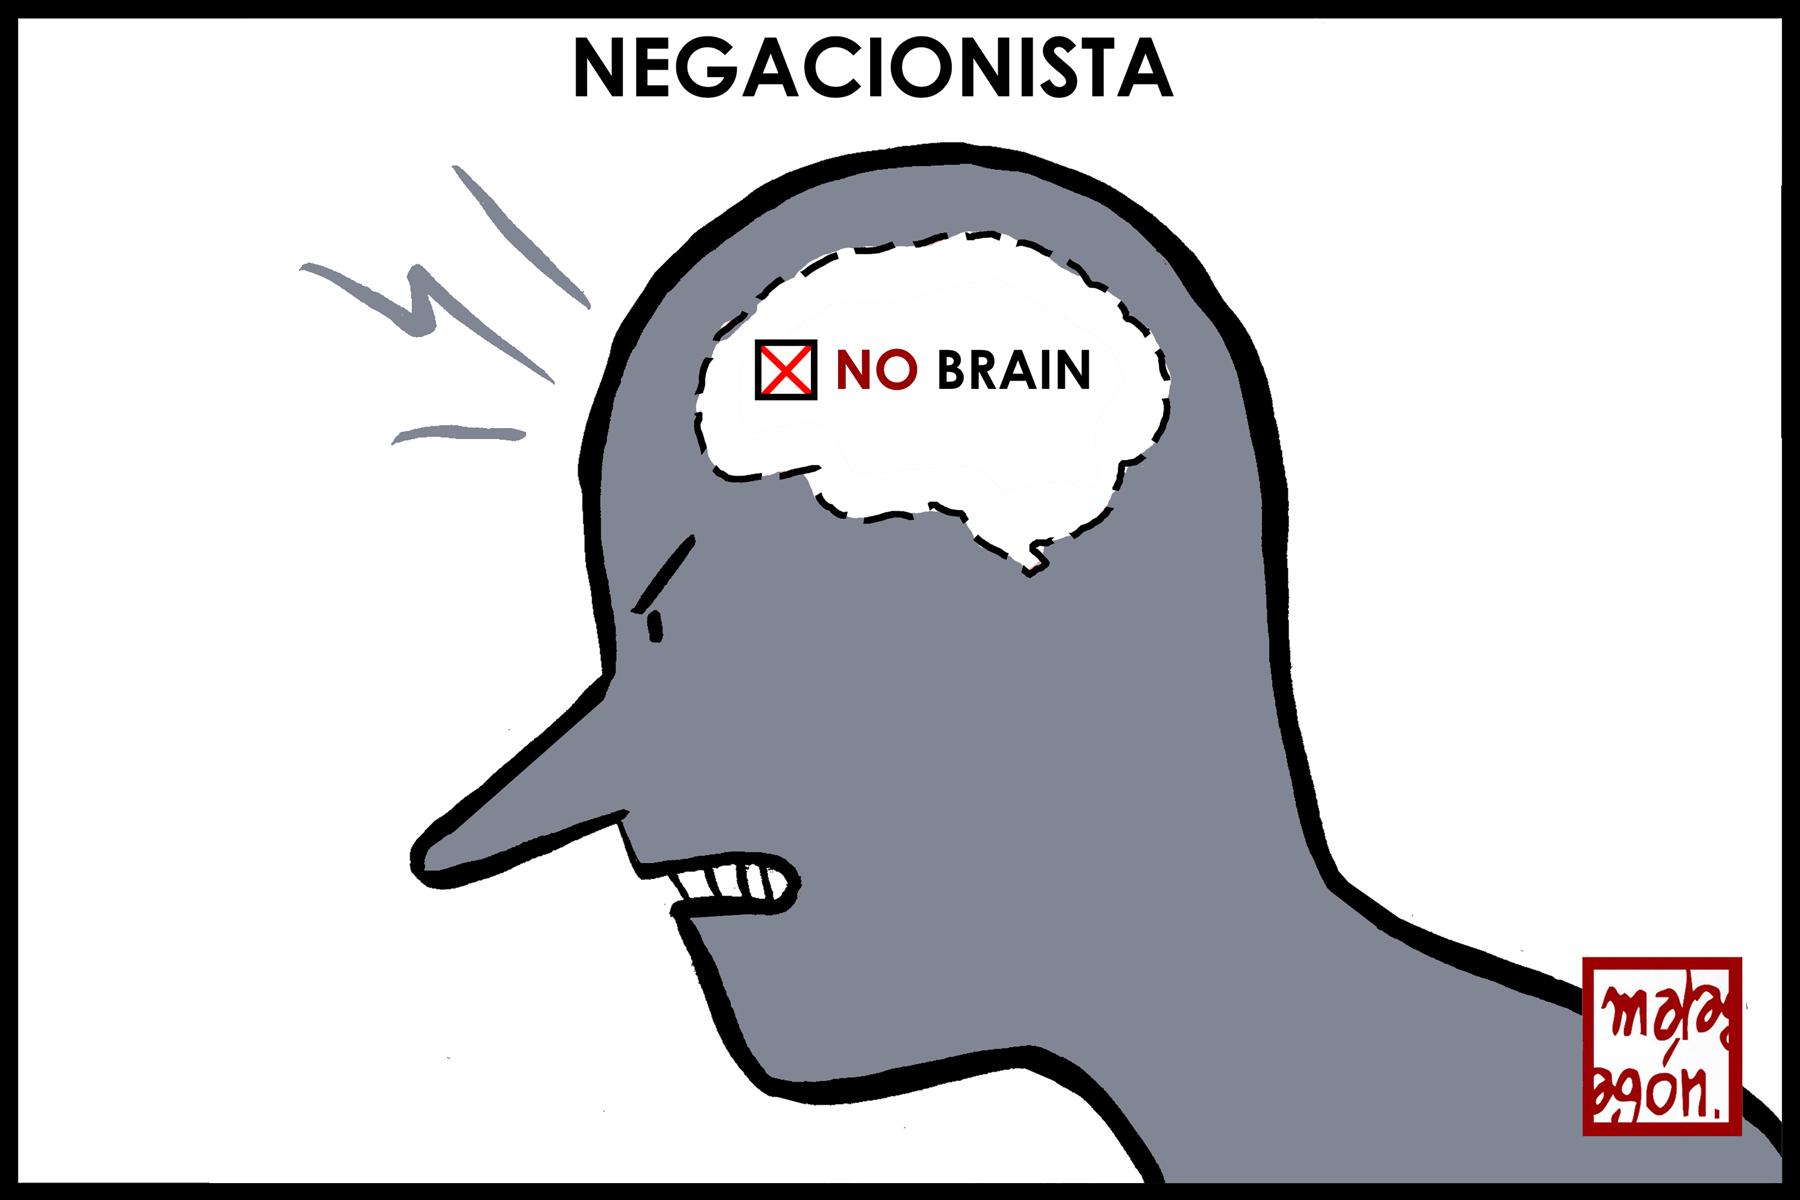 <p><em>Cerebro de negacionista.</em></p>